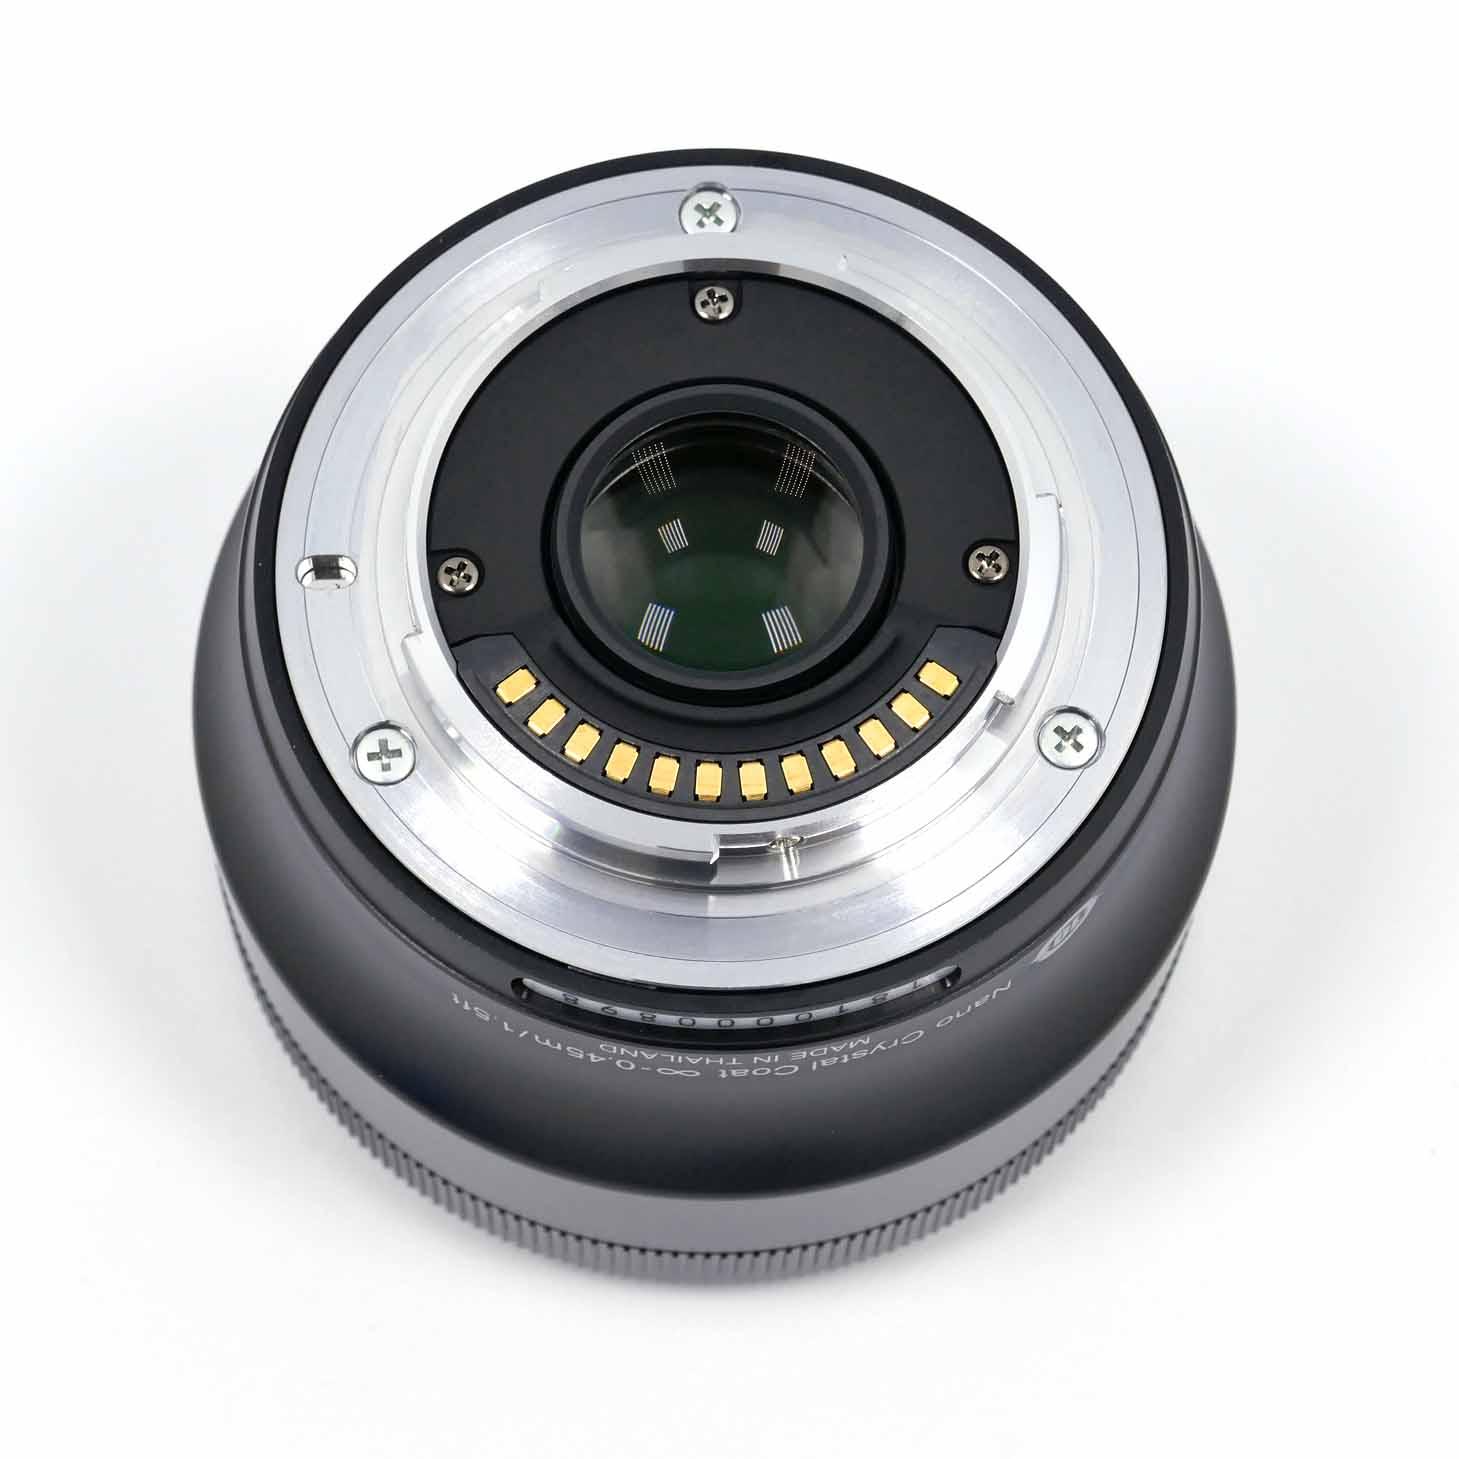 clean-cameras-Nikon-1-32mm_1.2-03